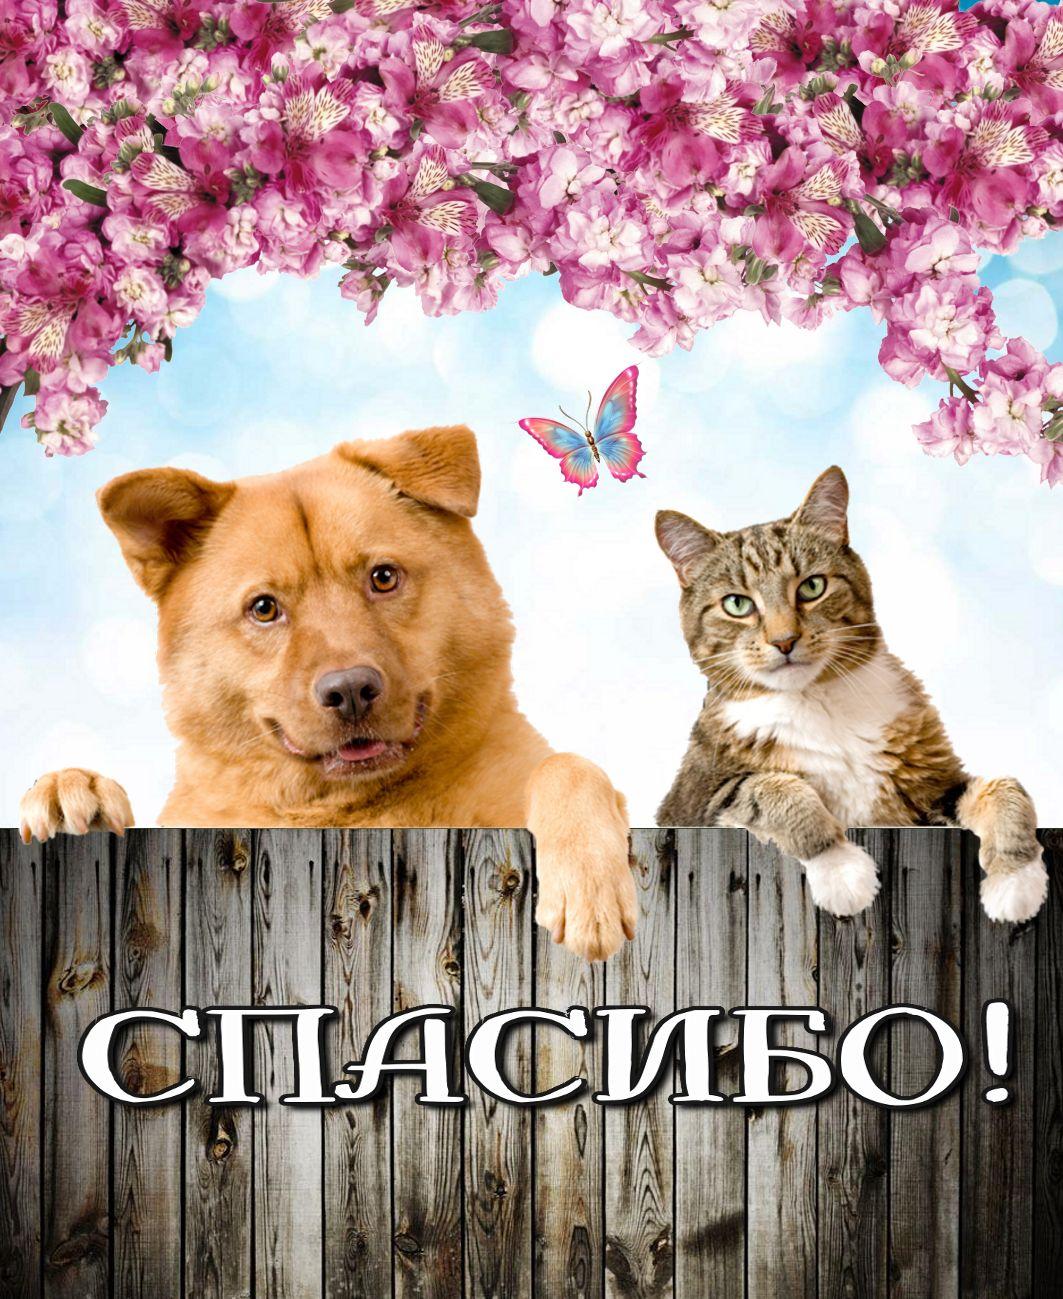 Открытка - Кот с собачкой говорят спасибо!